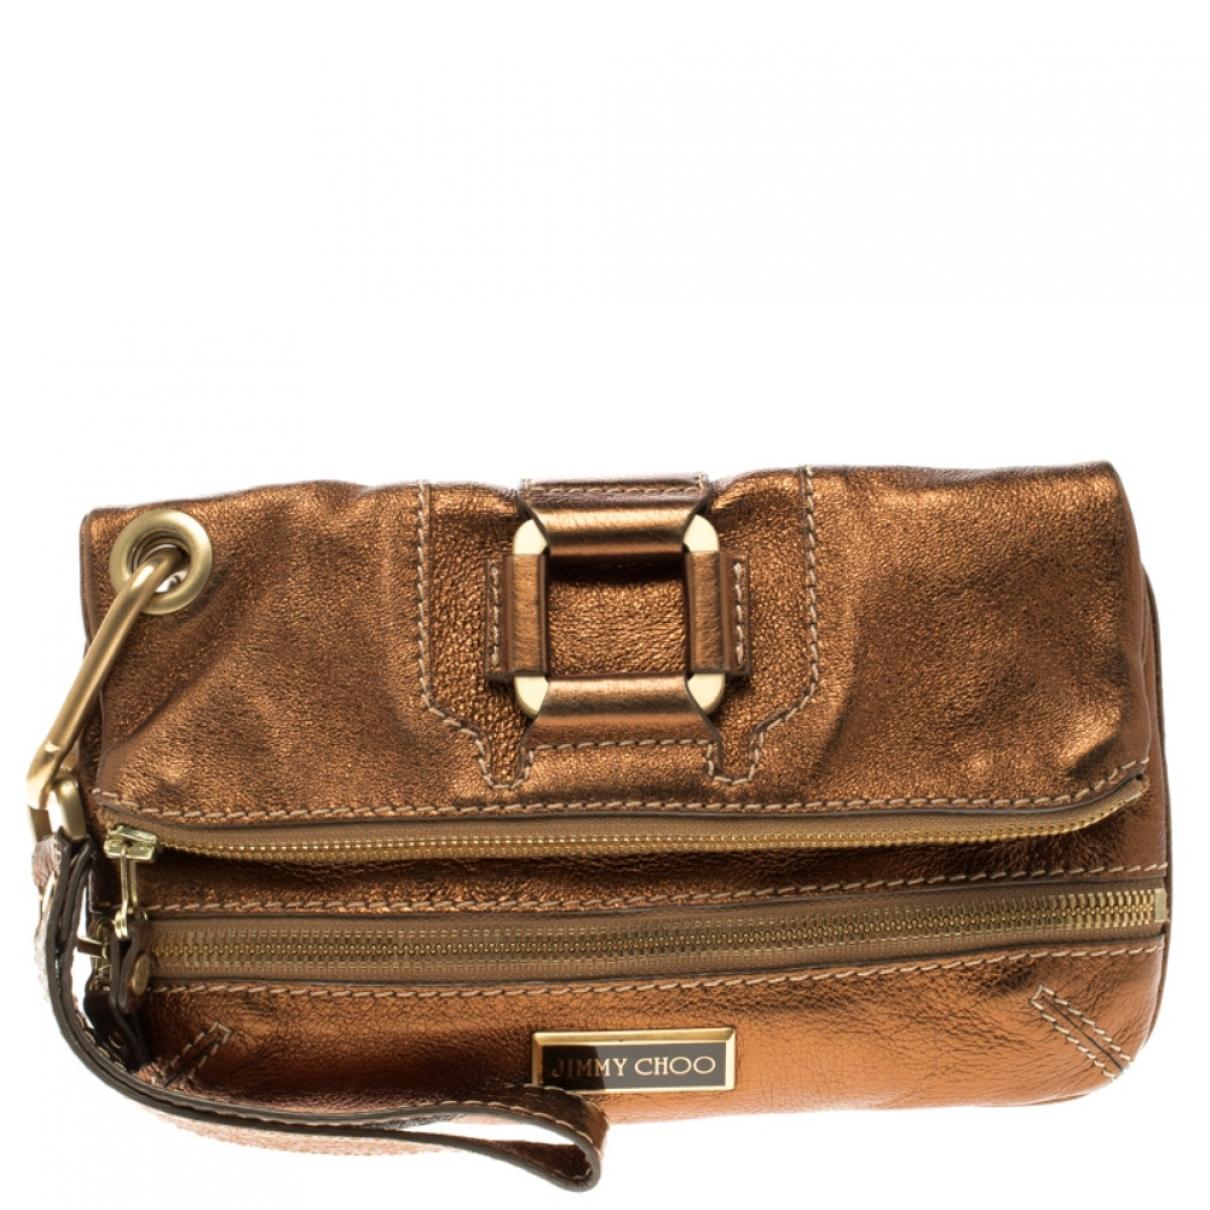 Jimmy Choo \N Metallic Leather Clutch bag for Women \N